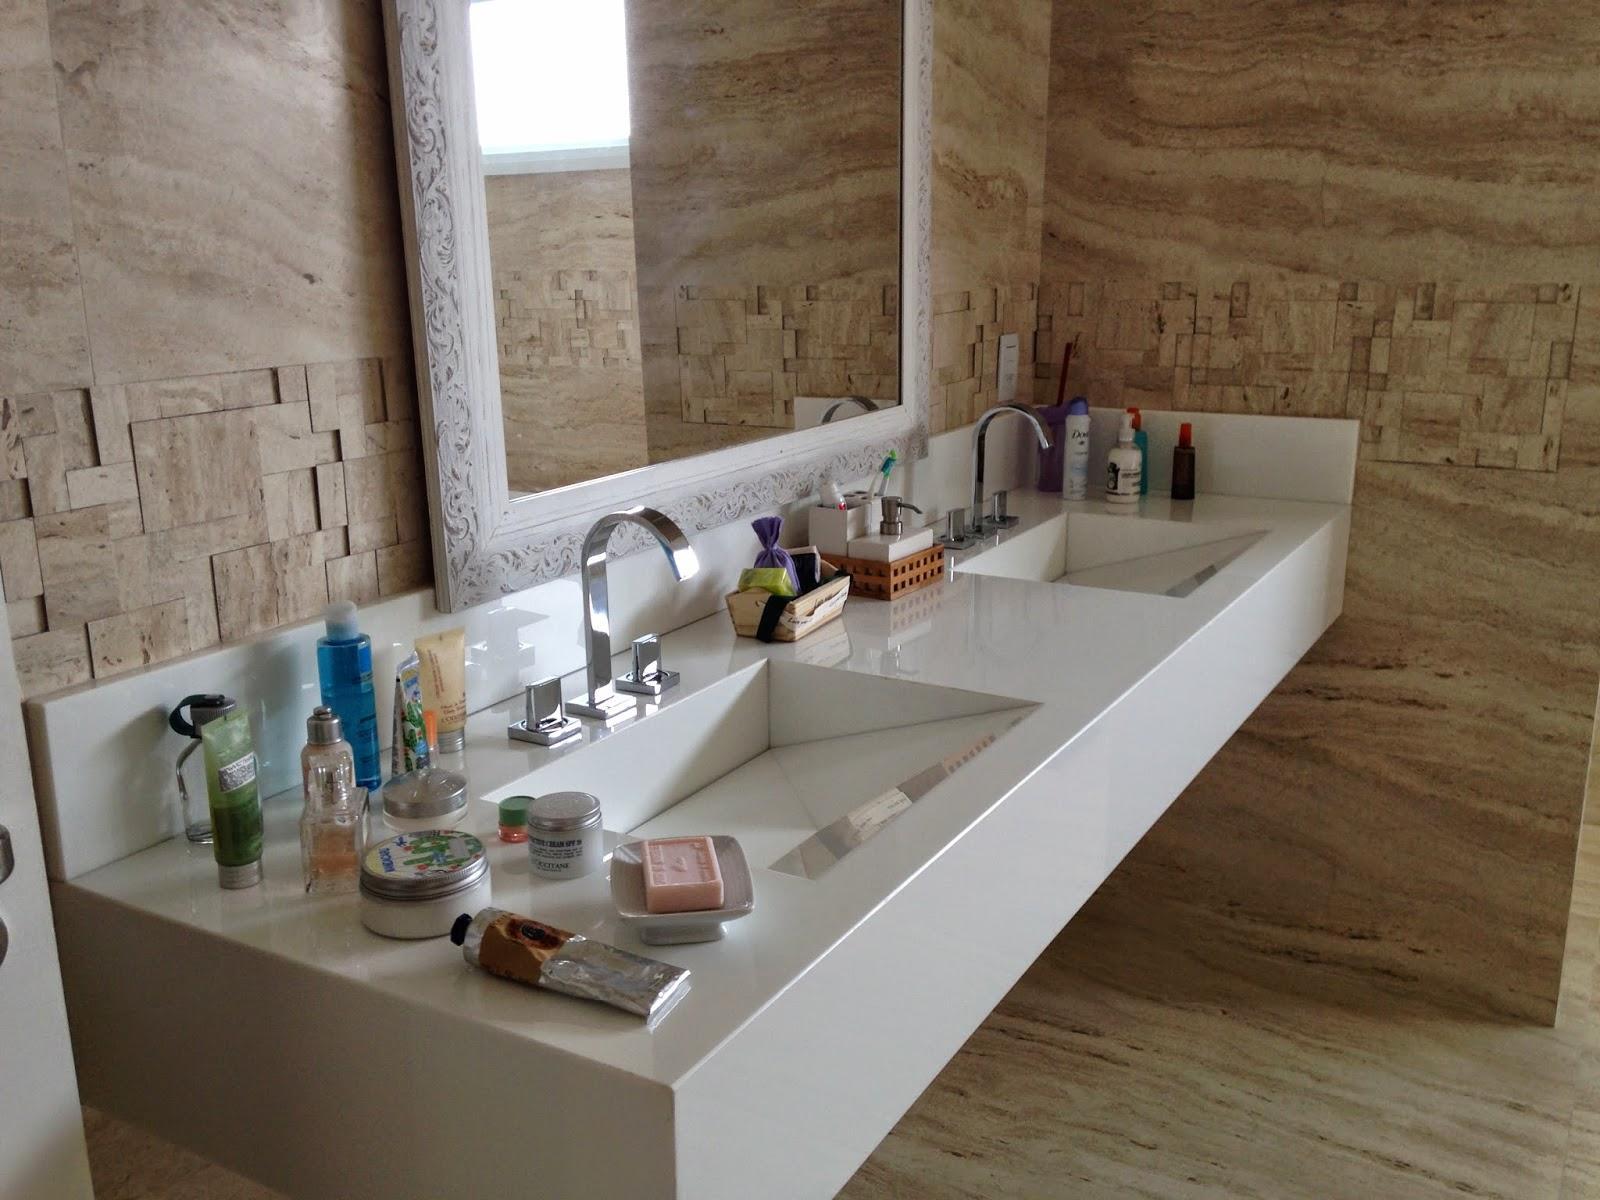 Espelho temporário.. até eu poder mandar colocar um espelhão beeeem  #134363 1600x1200 Bancada Banheiro Saia